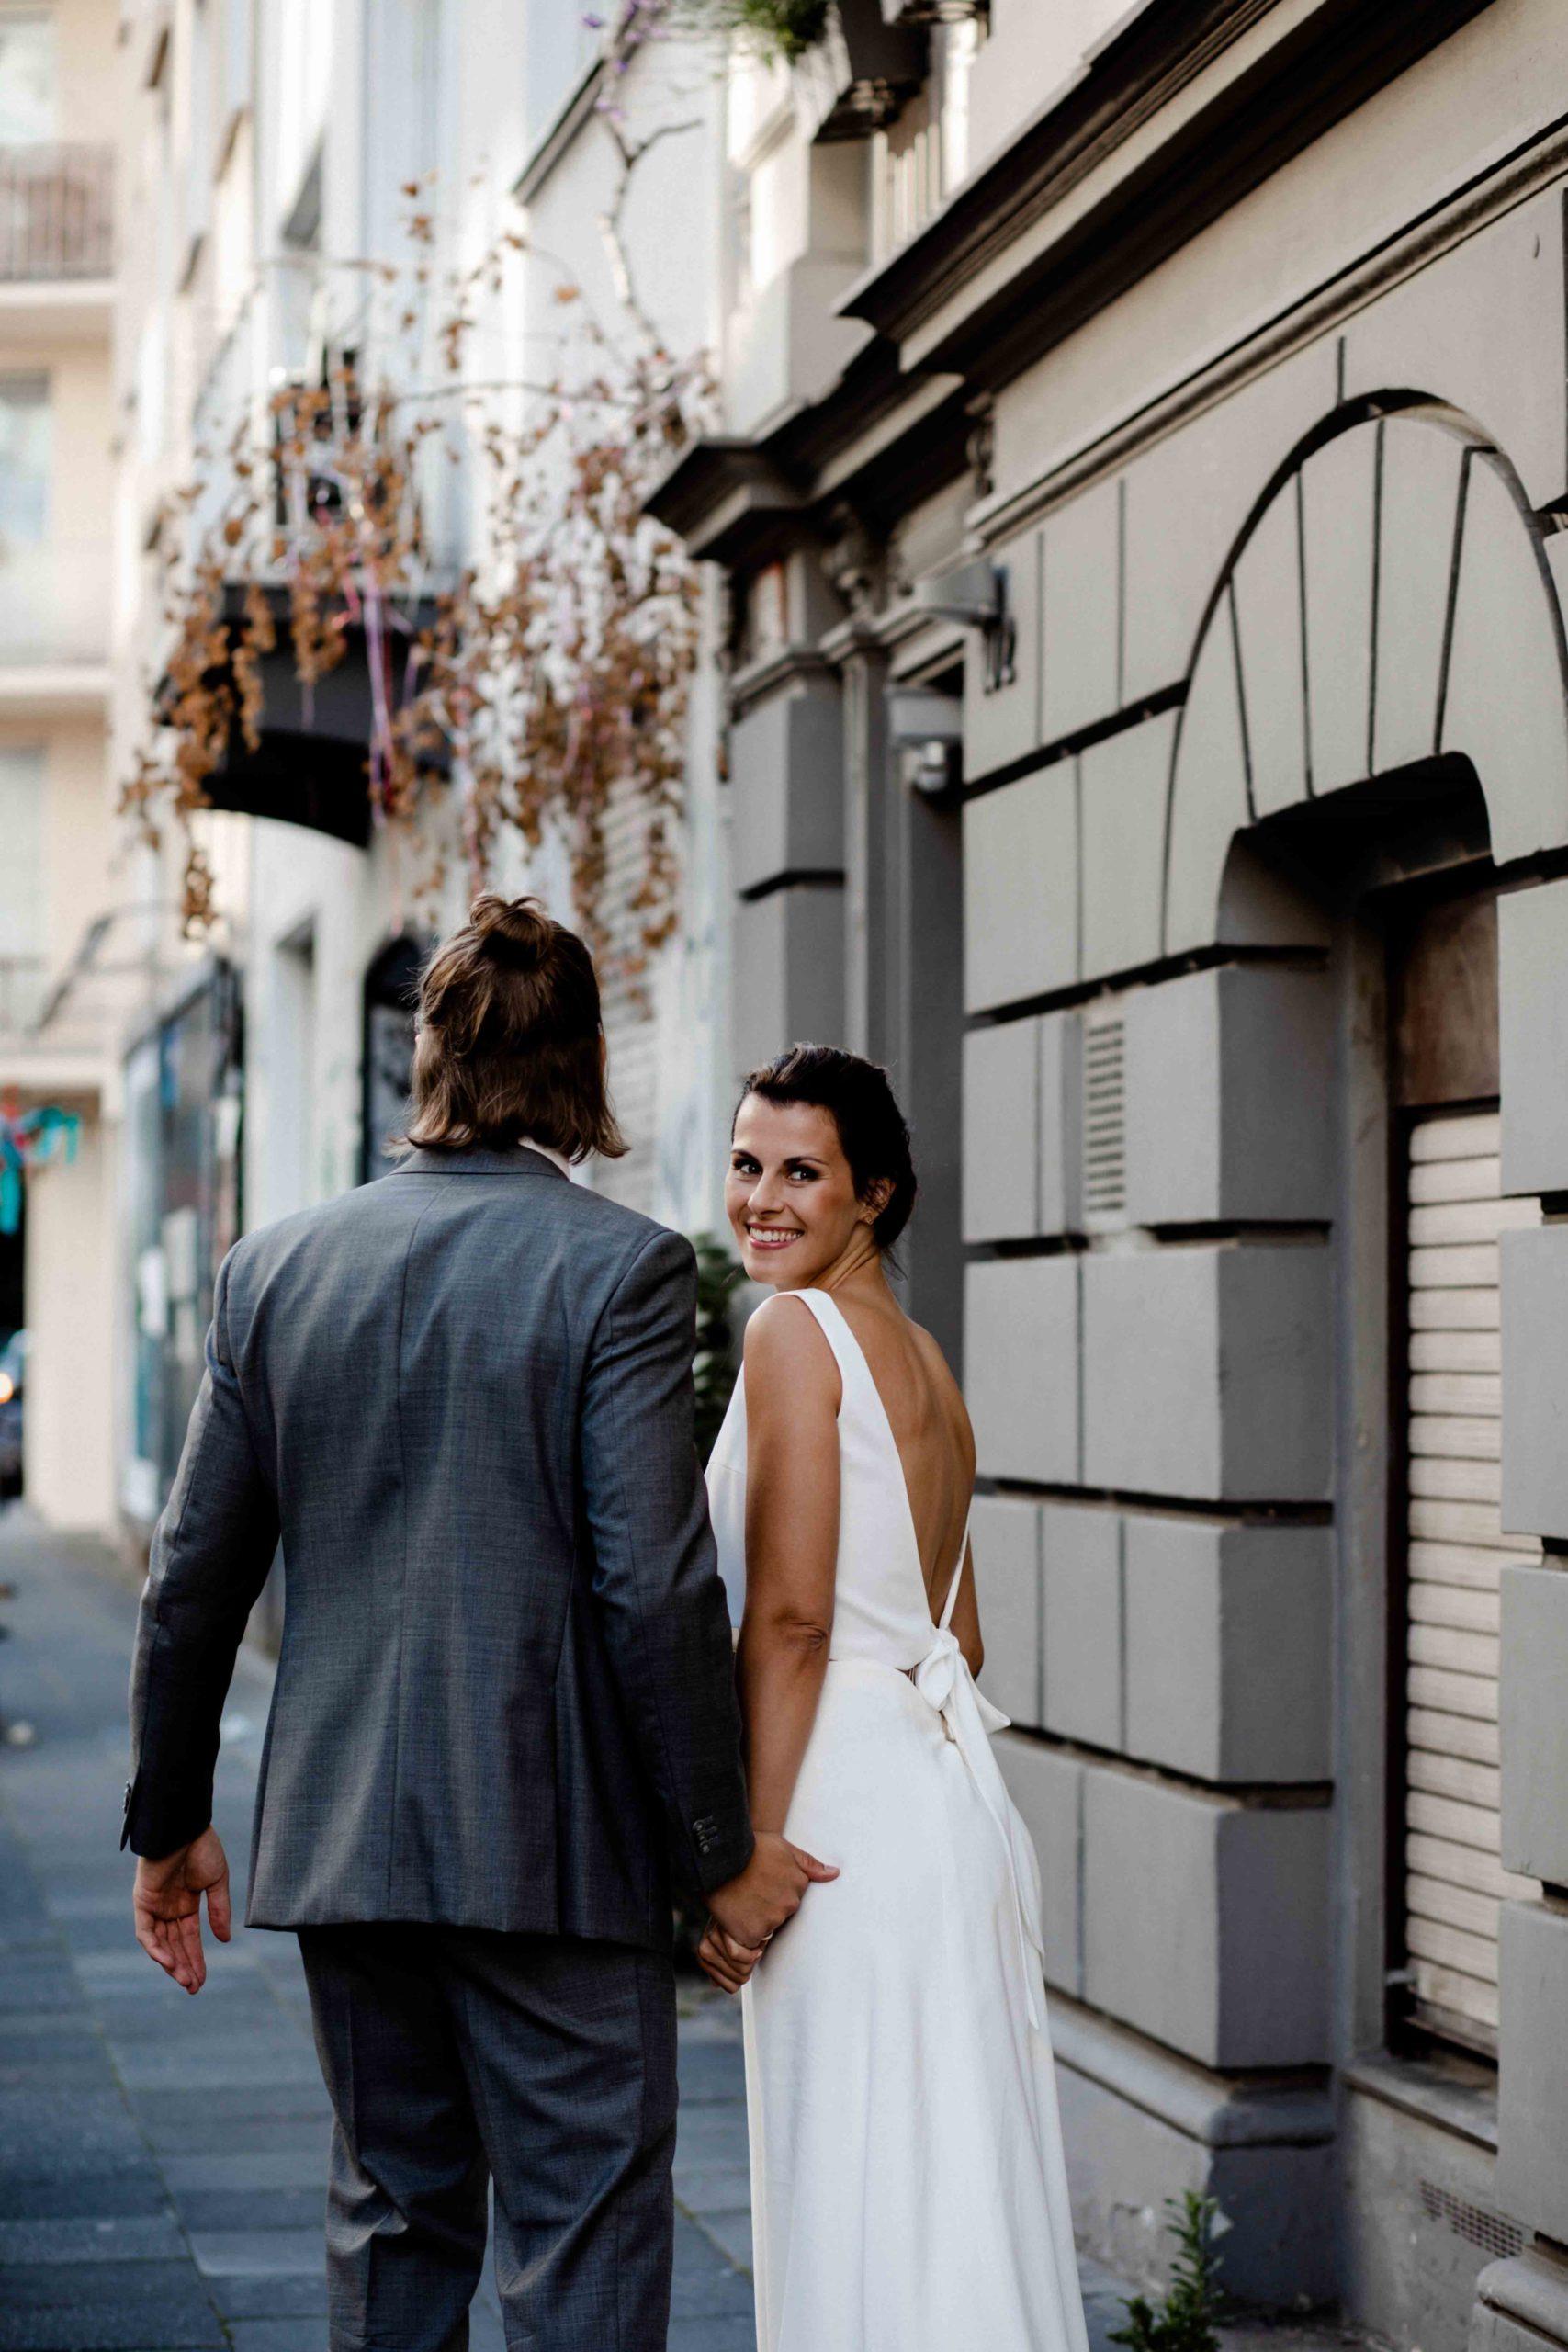 Styled Shoot Brautmode, Model-Brautpaar Händchenhaltend auf Strasse